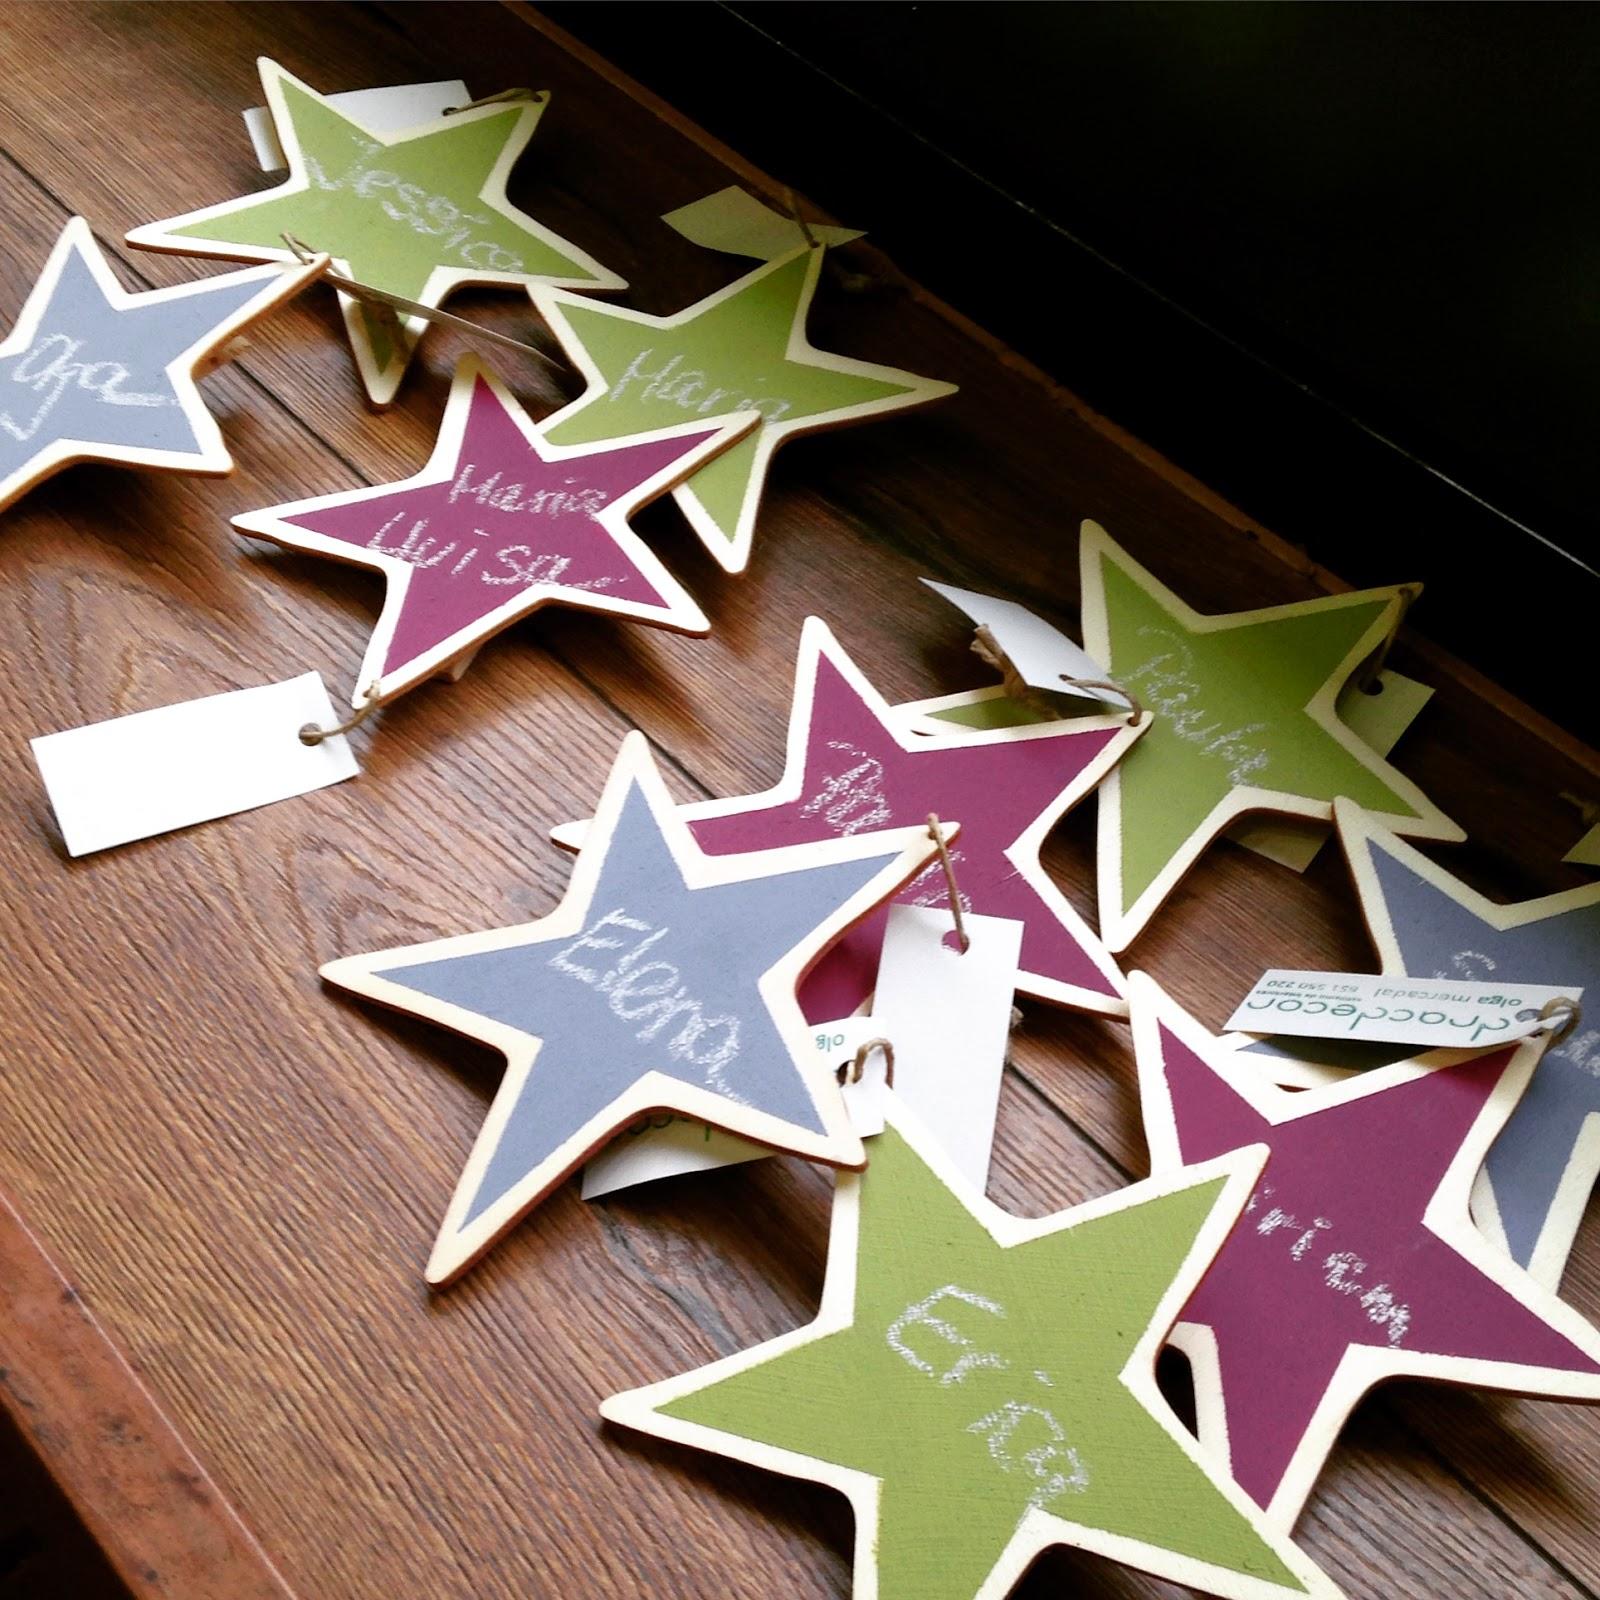 detalles para las asistentes al workshop, estrellas pintadas con chalkpaint